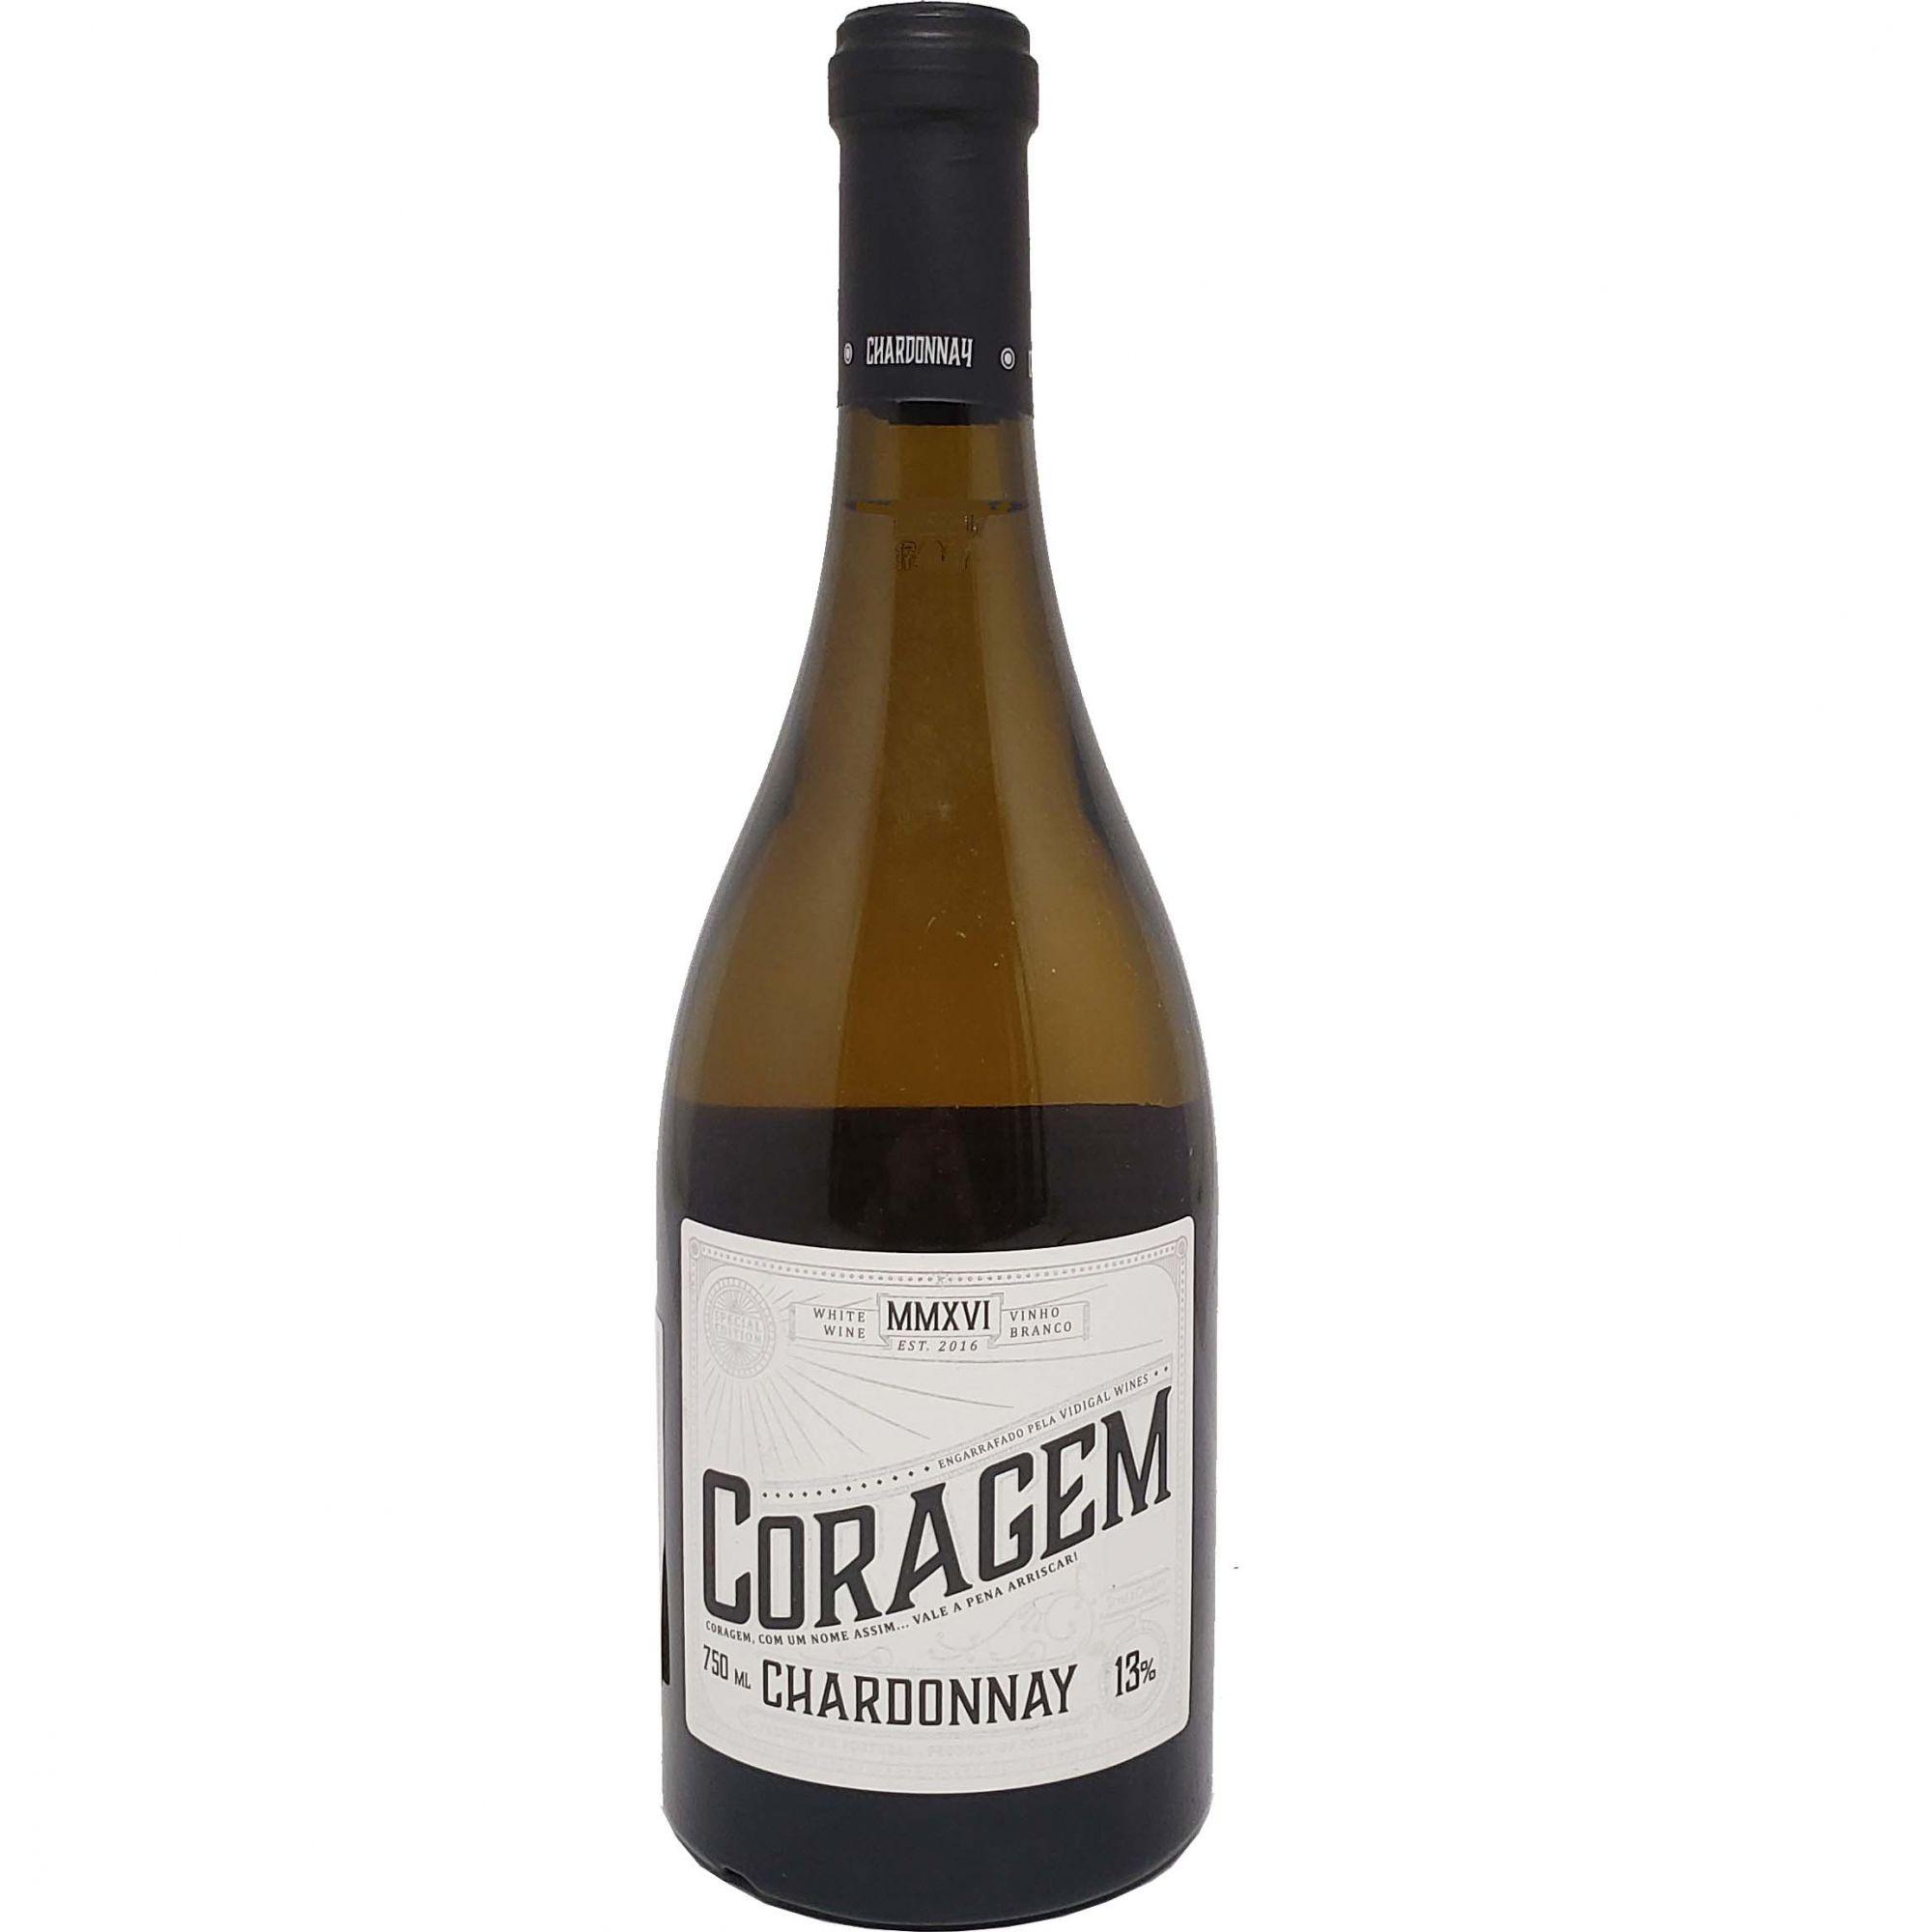 Vinho Branco Coragem Chardonnay - 750ml -